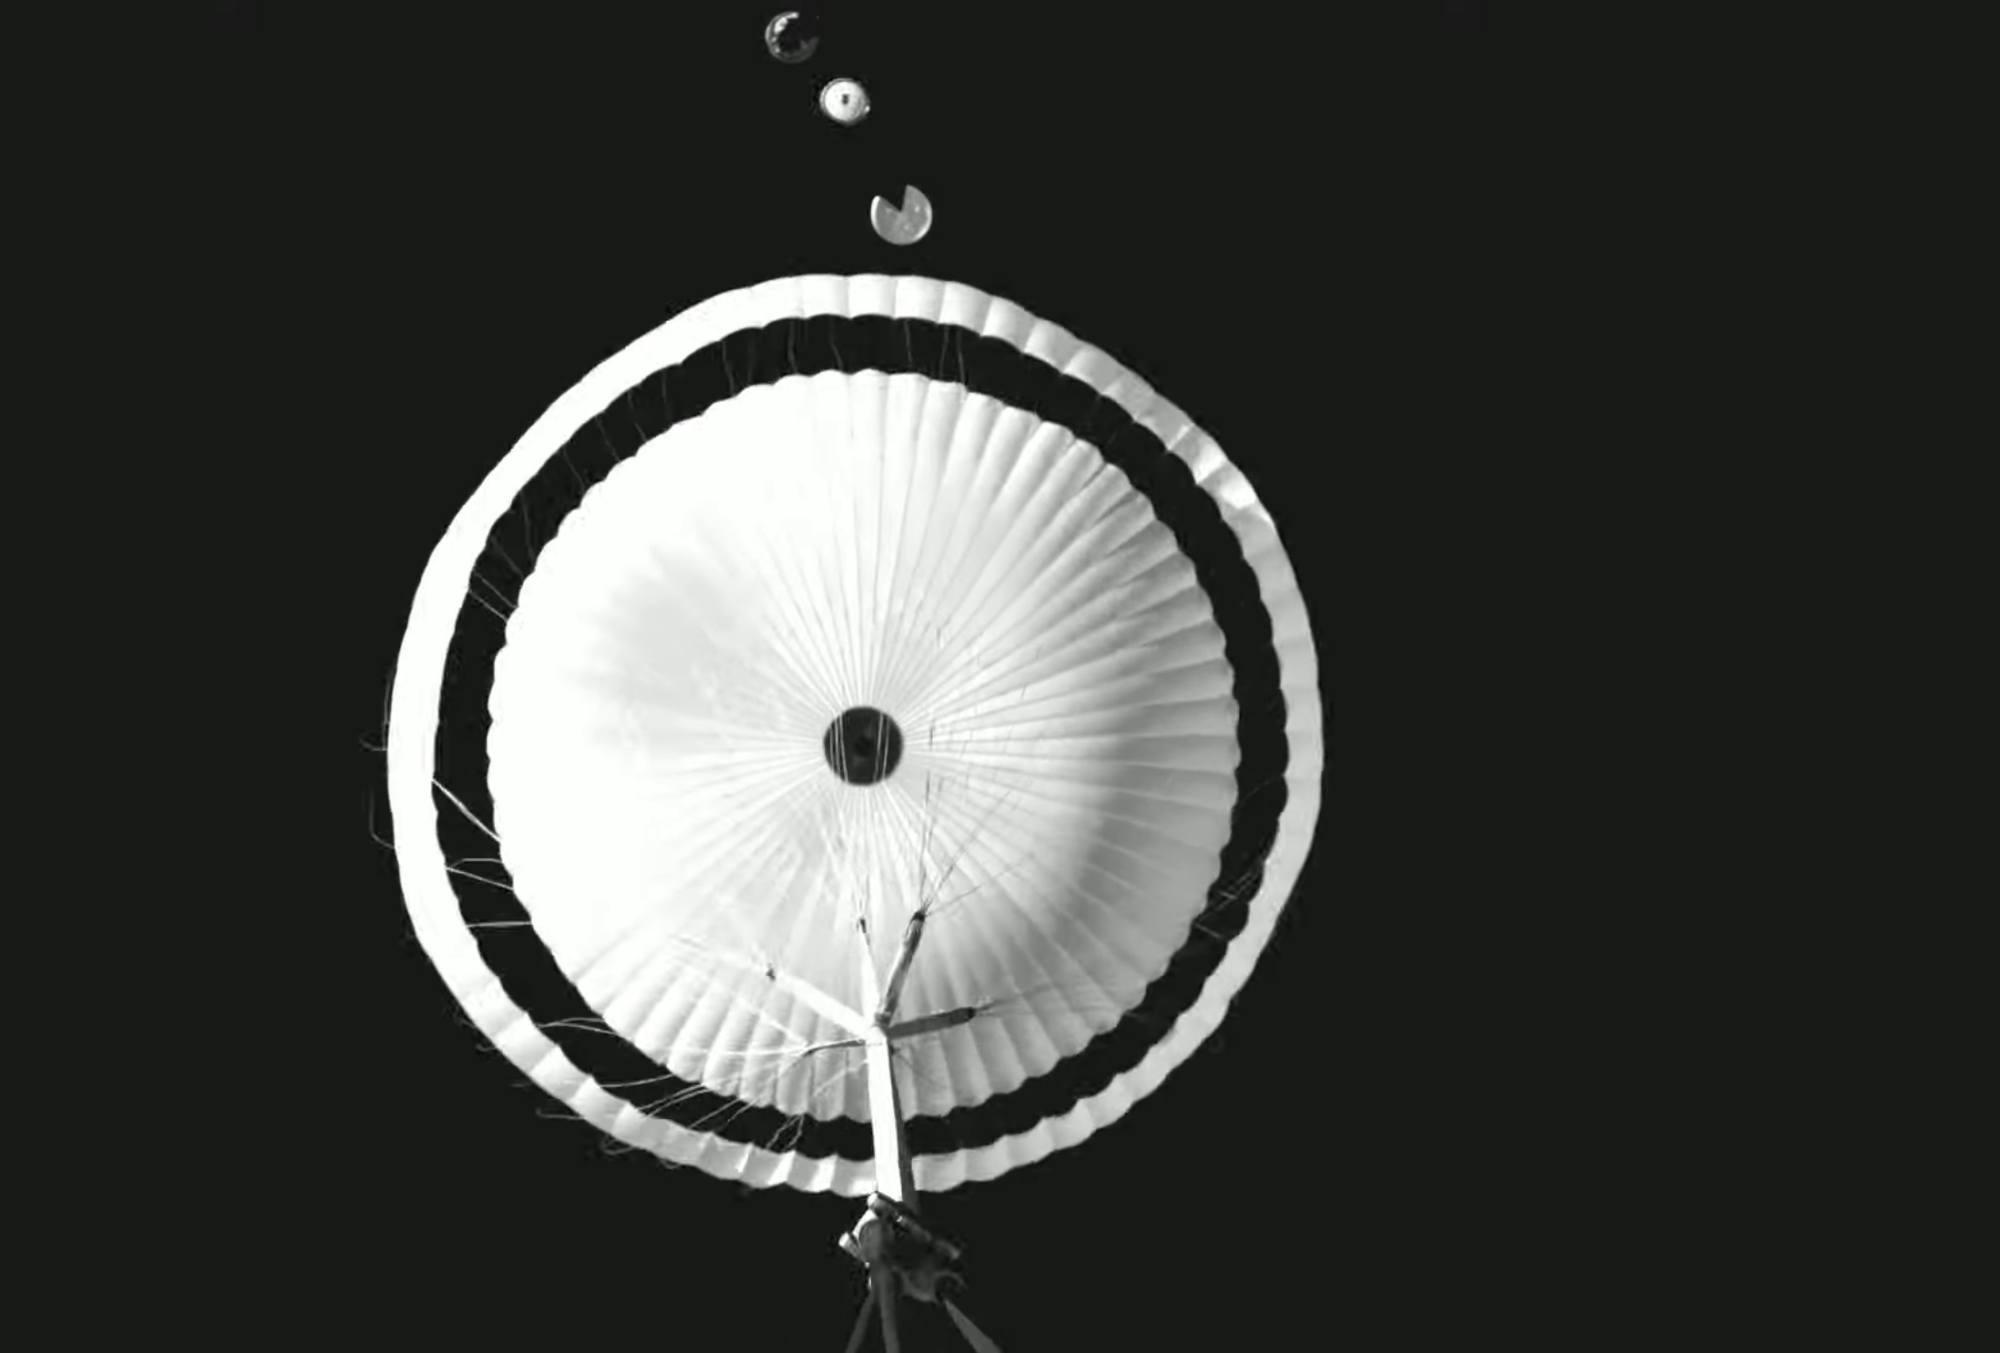 Une image enregistrée lors du test récent des parachutes d'ExoMars 2022 en Suède.